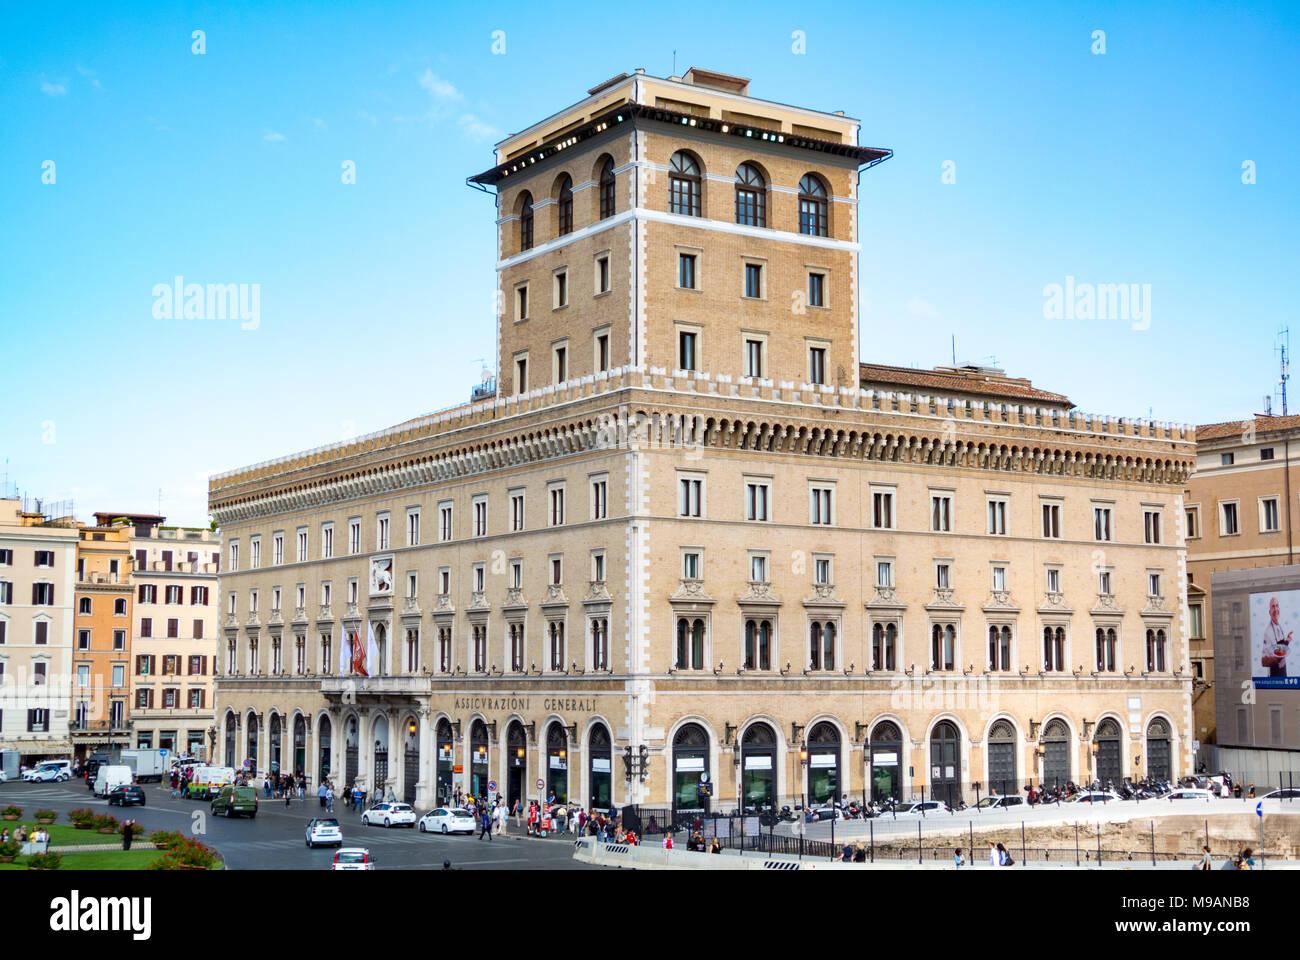 Assicurazioni Generali Palace, piazza venezia, rome, italy Stock Photo